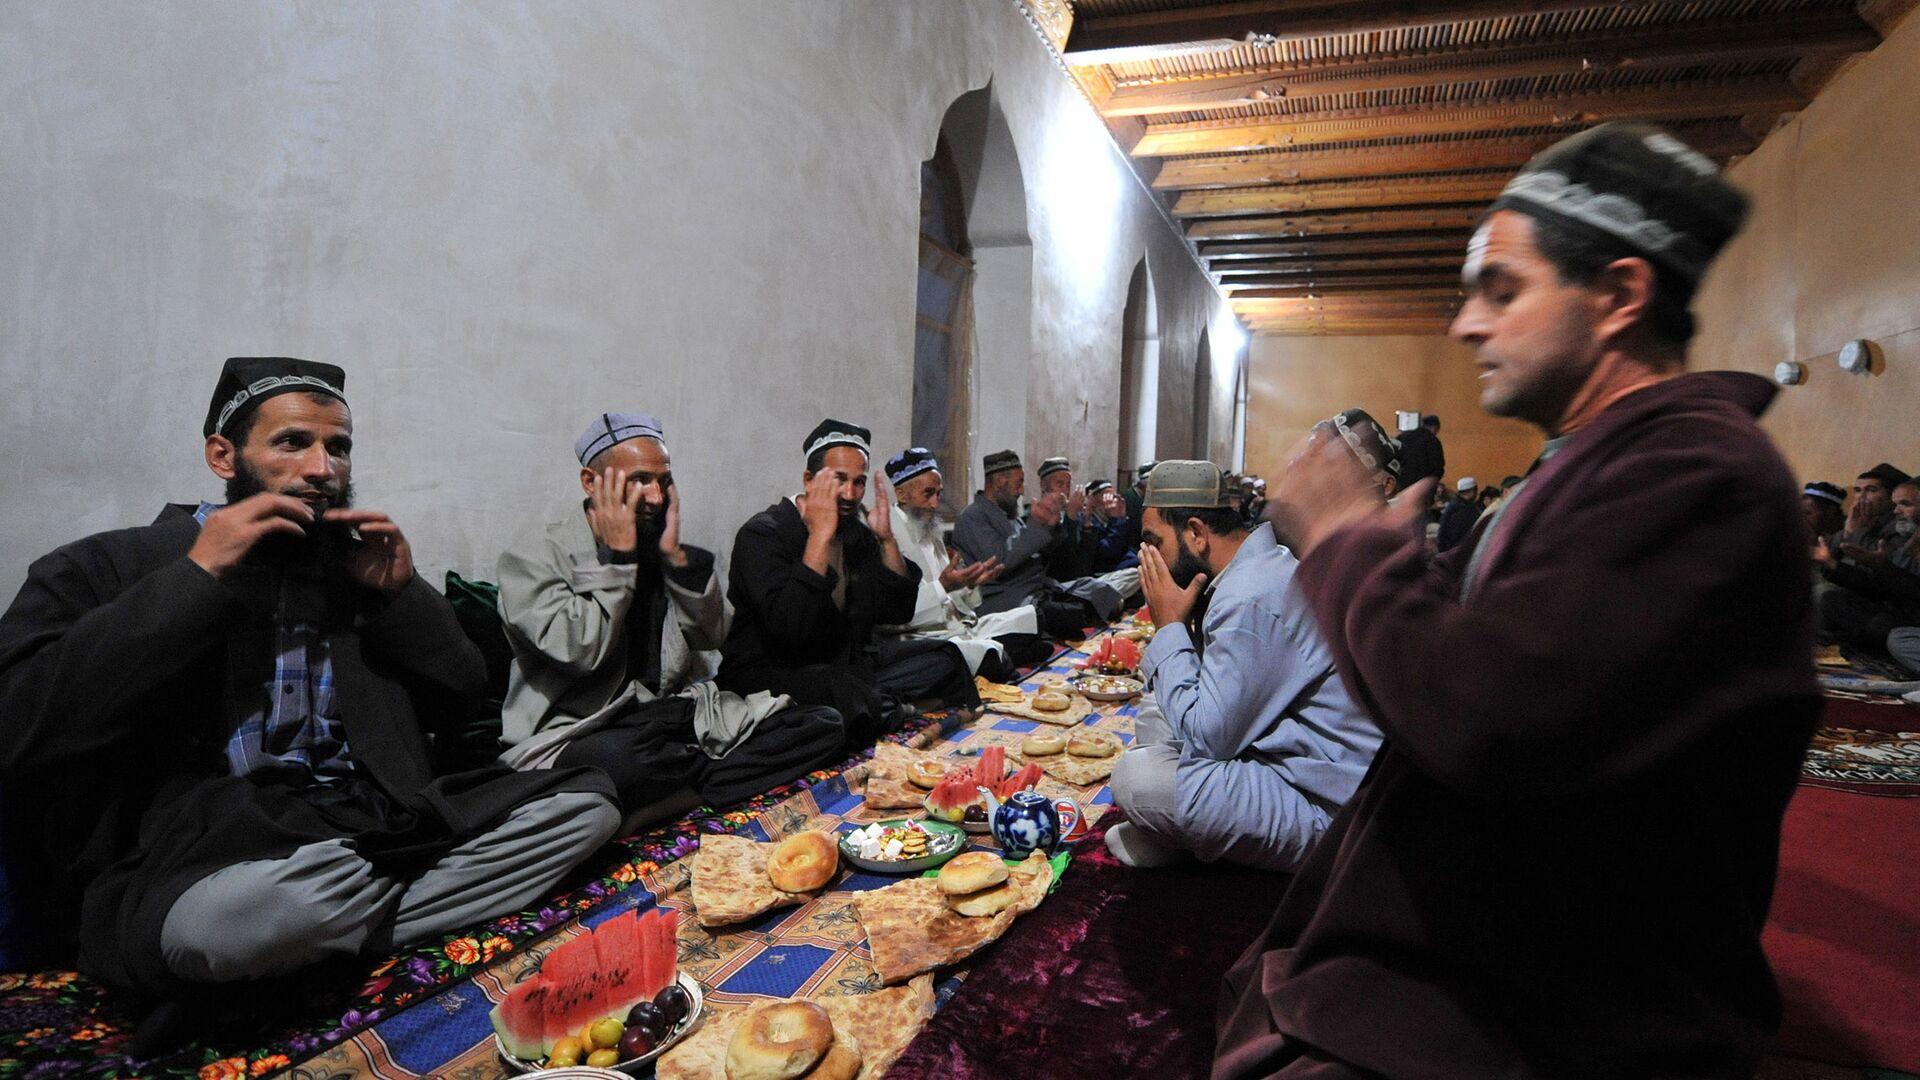 Mieszkańcy Tadżykistanu podczas modlitwy - Sputnik Polska, 1920, 11.09.2021